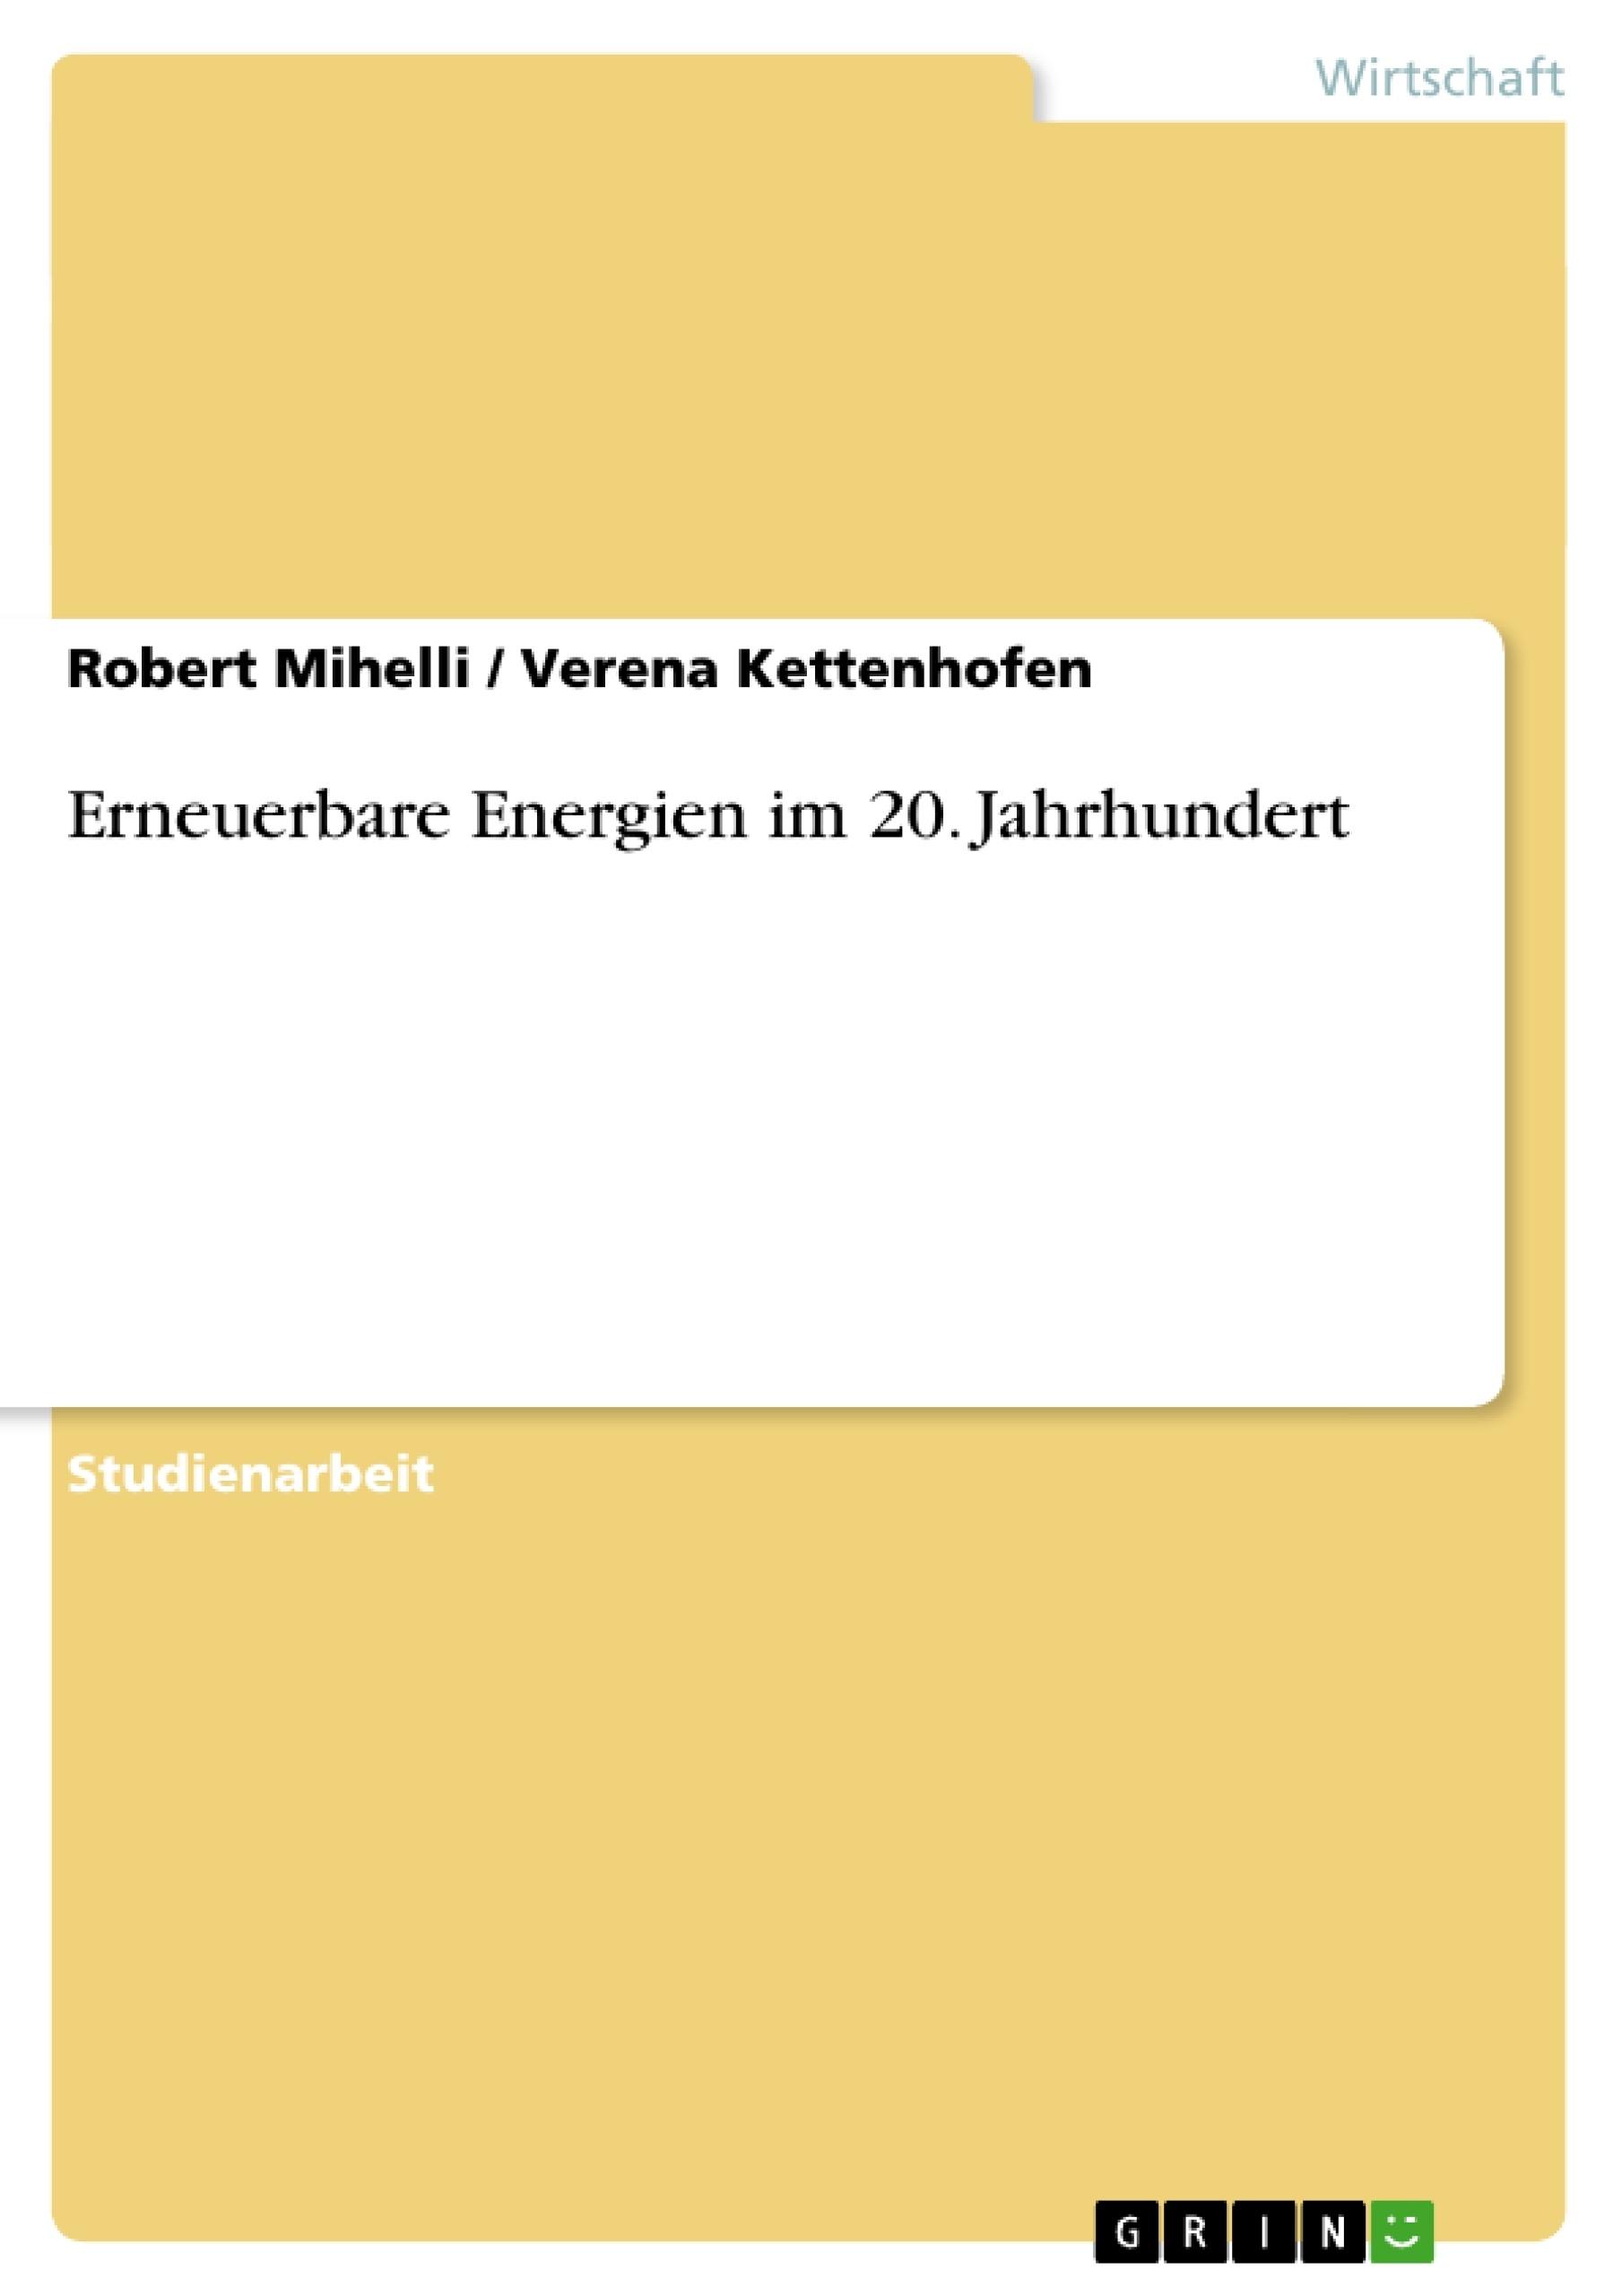 Titel: Erneuerbare Energien im 20. Jahrhundert